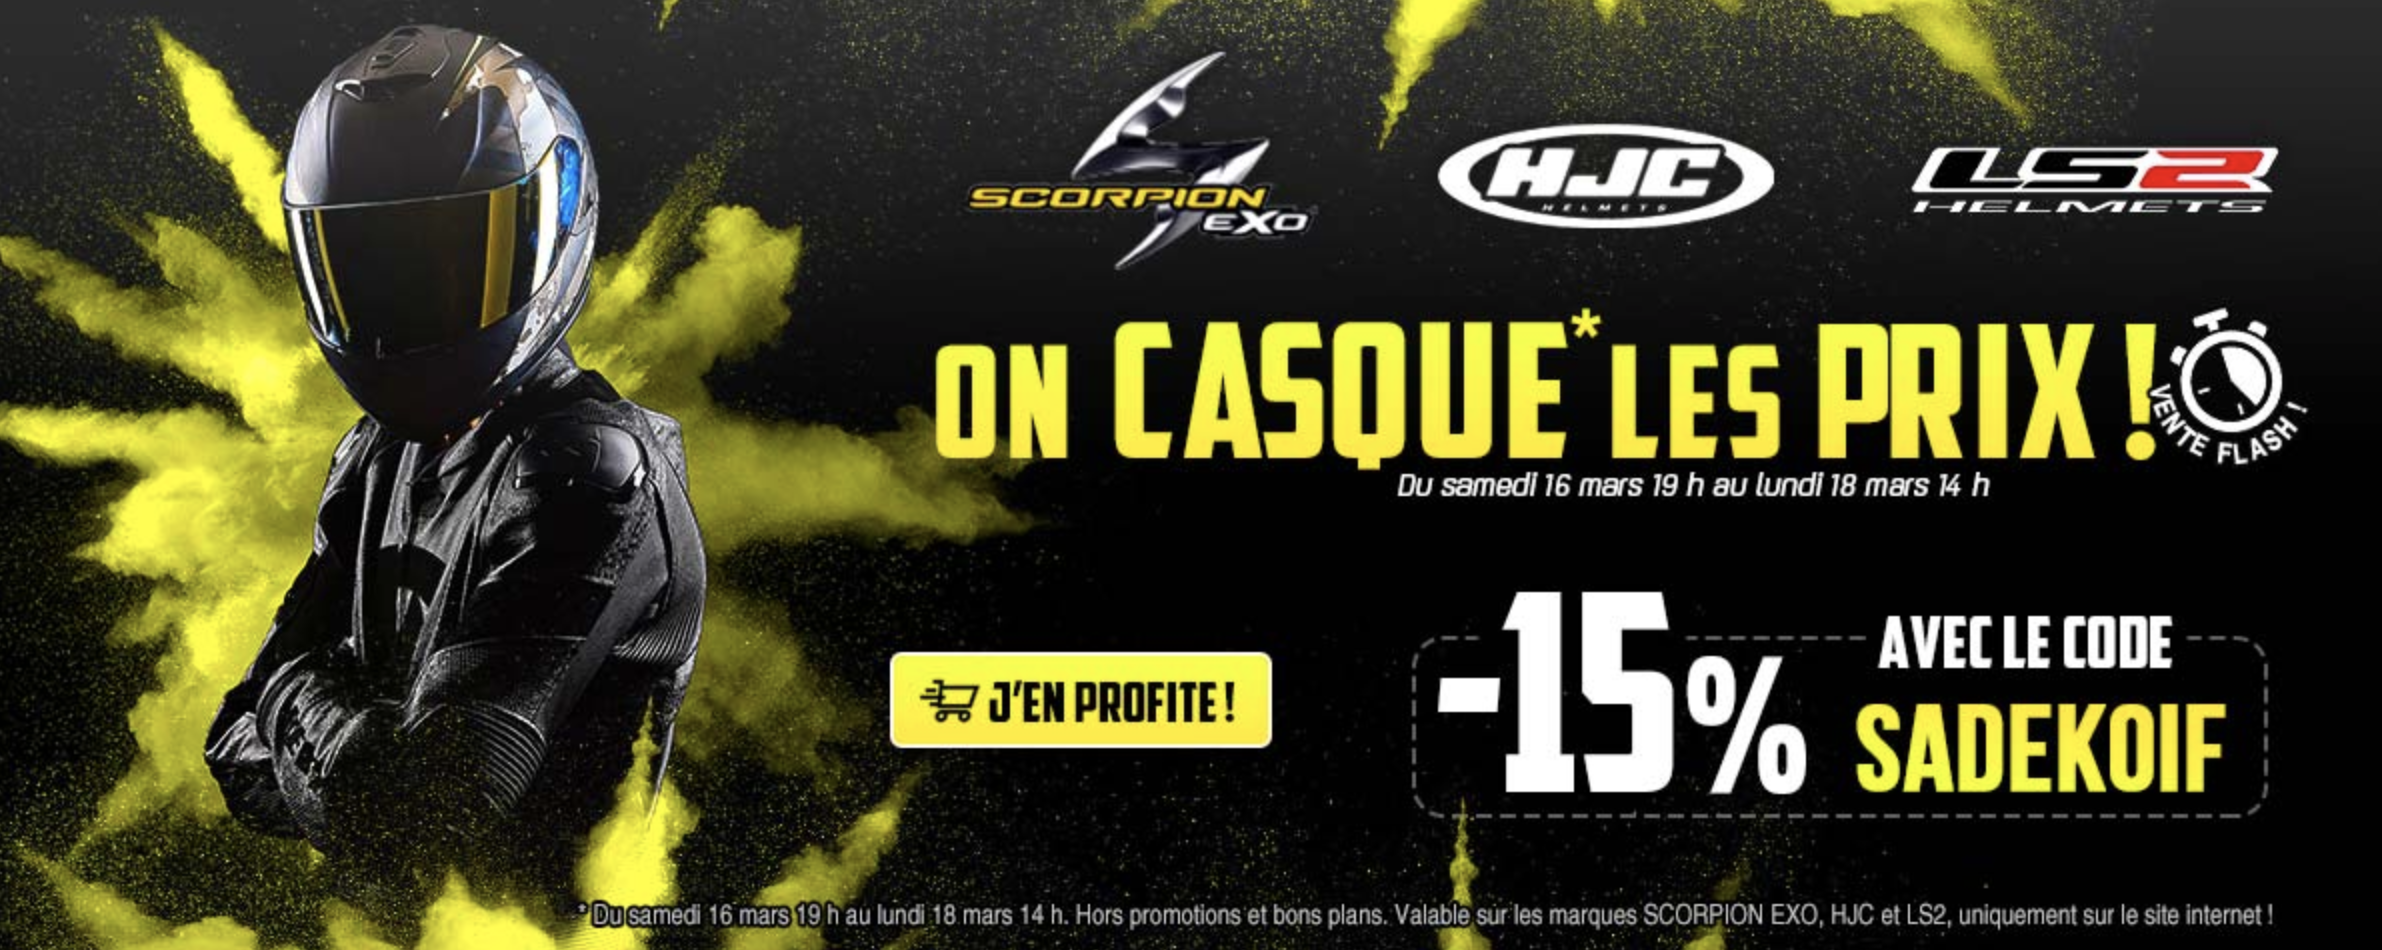 -15% Sur Les Casques, Scorpion, Hjc, Ls2